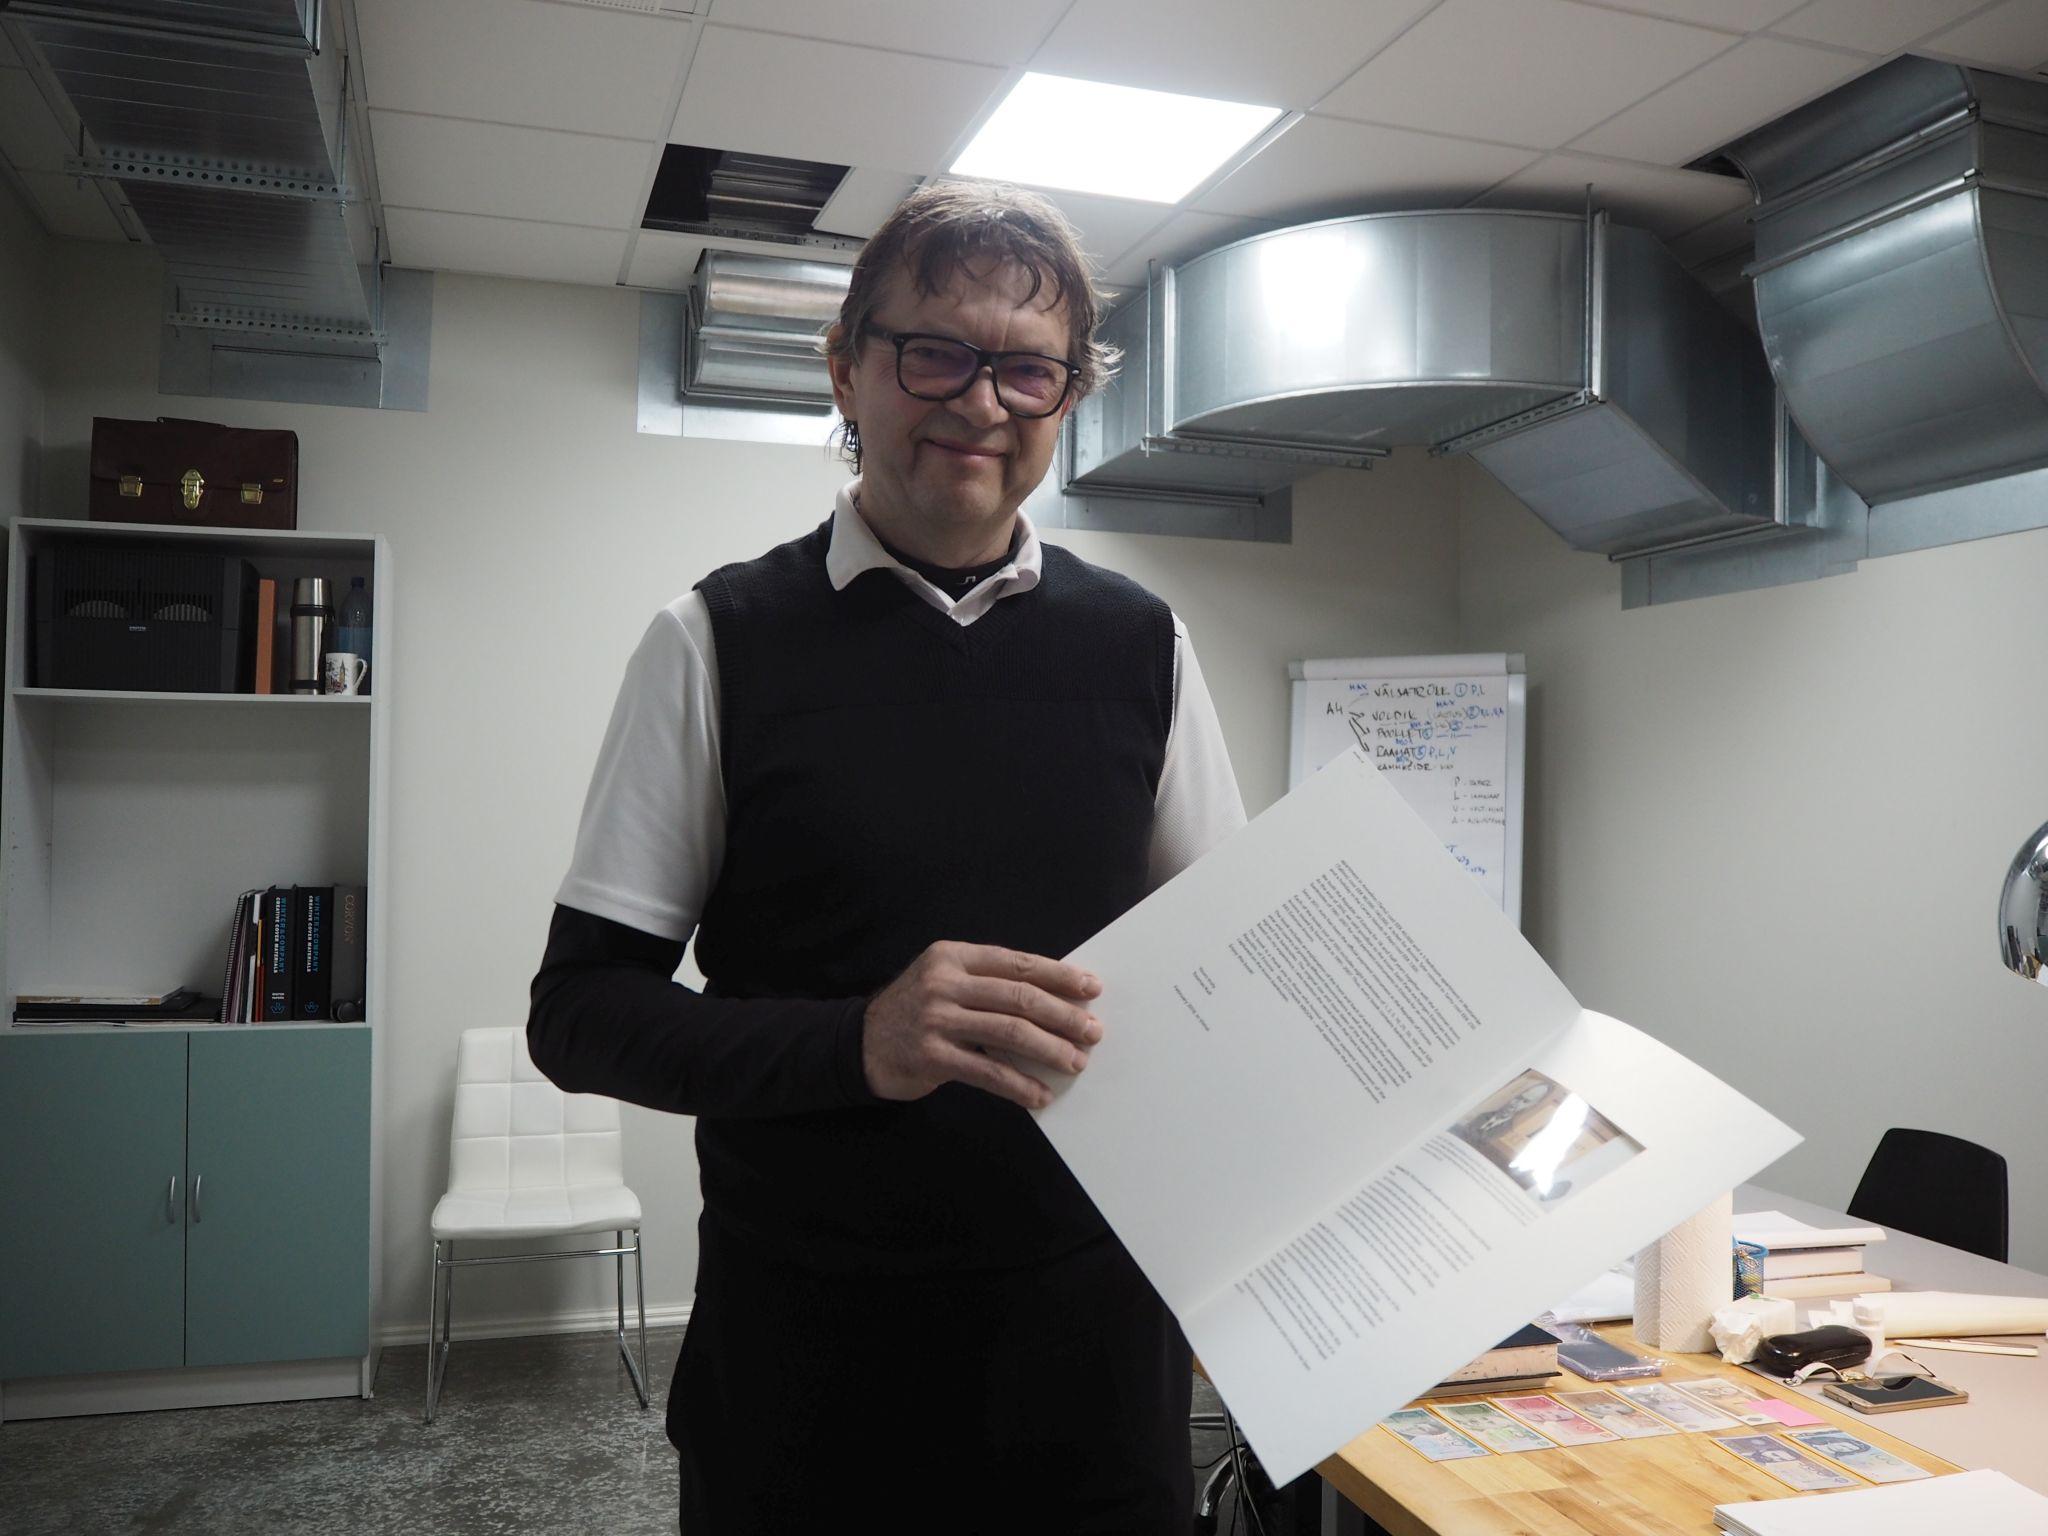 FOTOD! Ilmub Toomas Kulli rahanostalgiat pakkuv Eesti krooni raamat